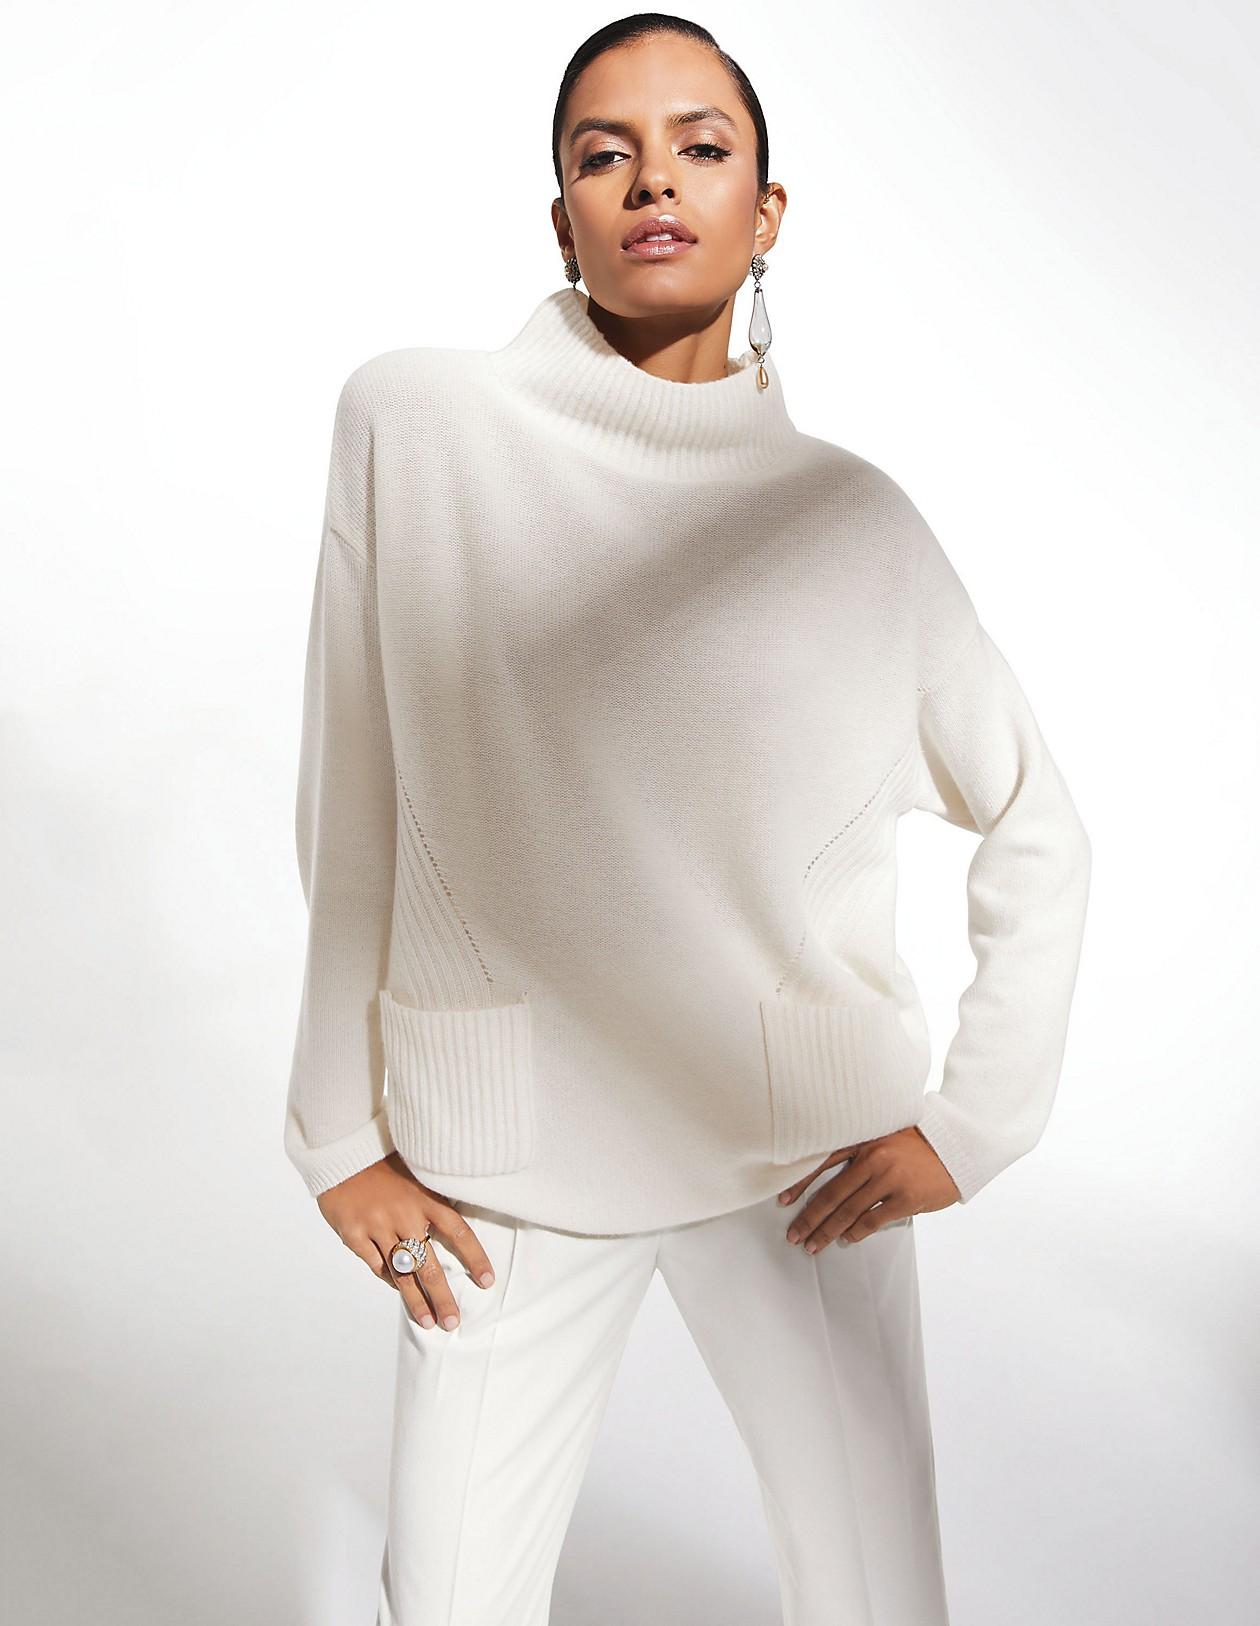 bf2be35940e260 Kaschmir-Pullover mit Stehkragen, wollweiß, weiß   MADELEINE Mode